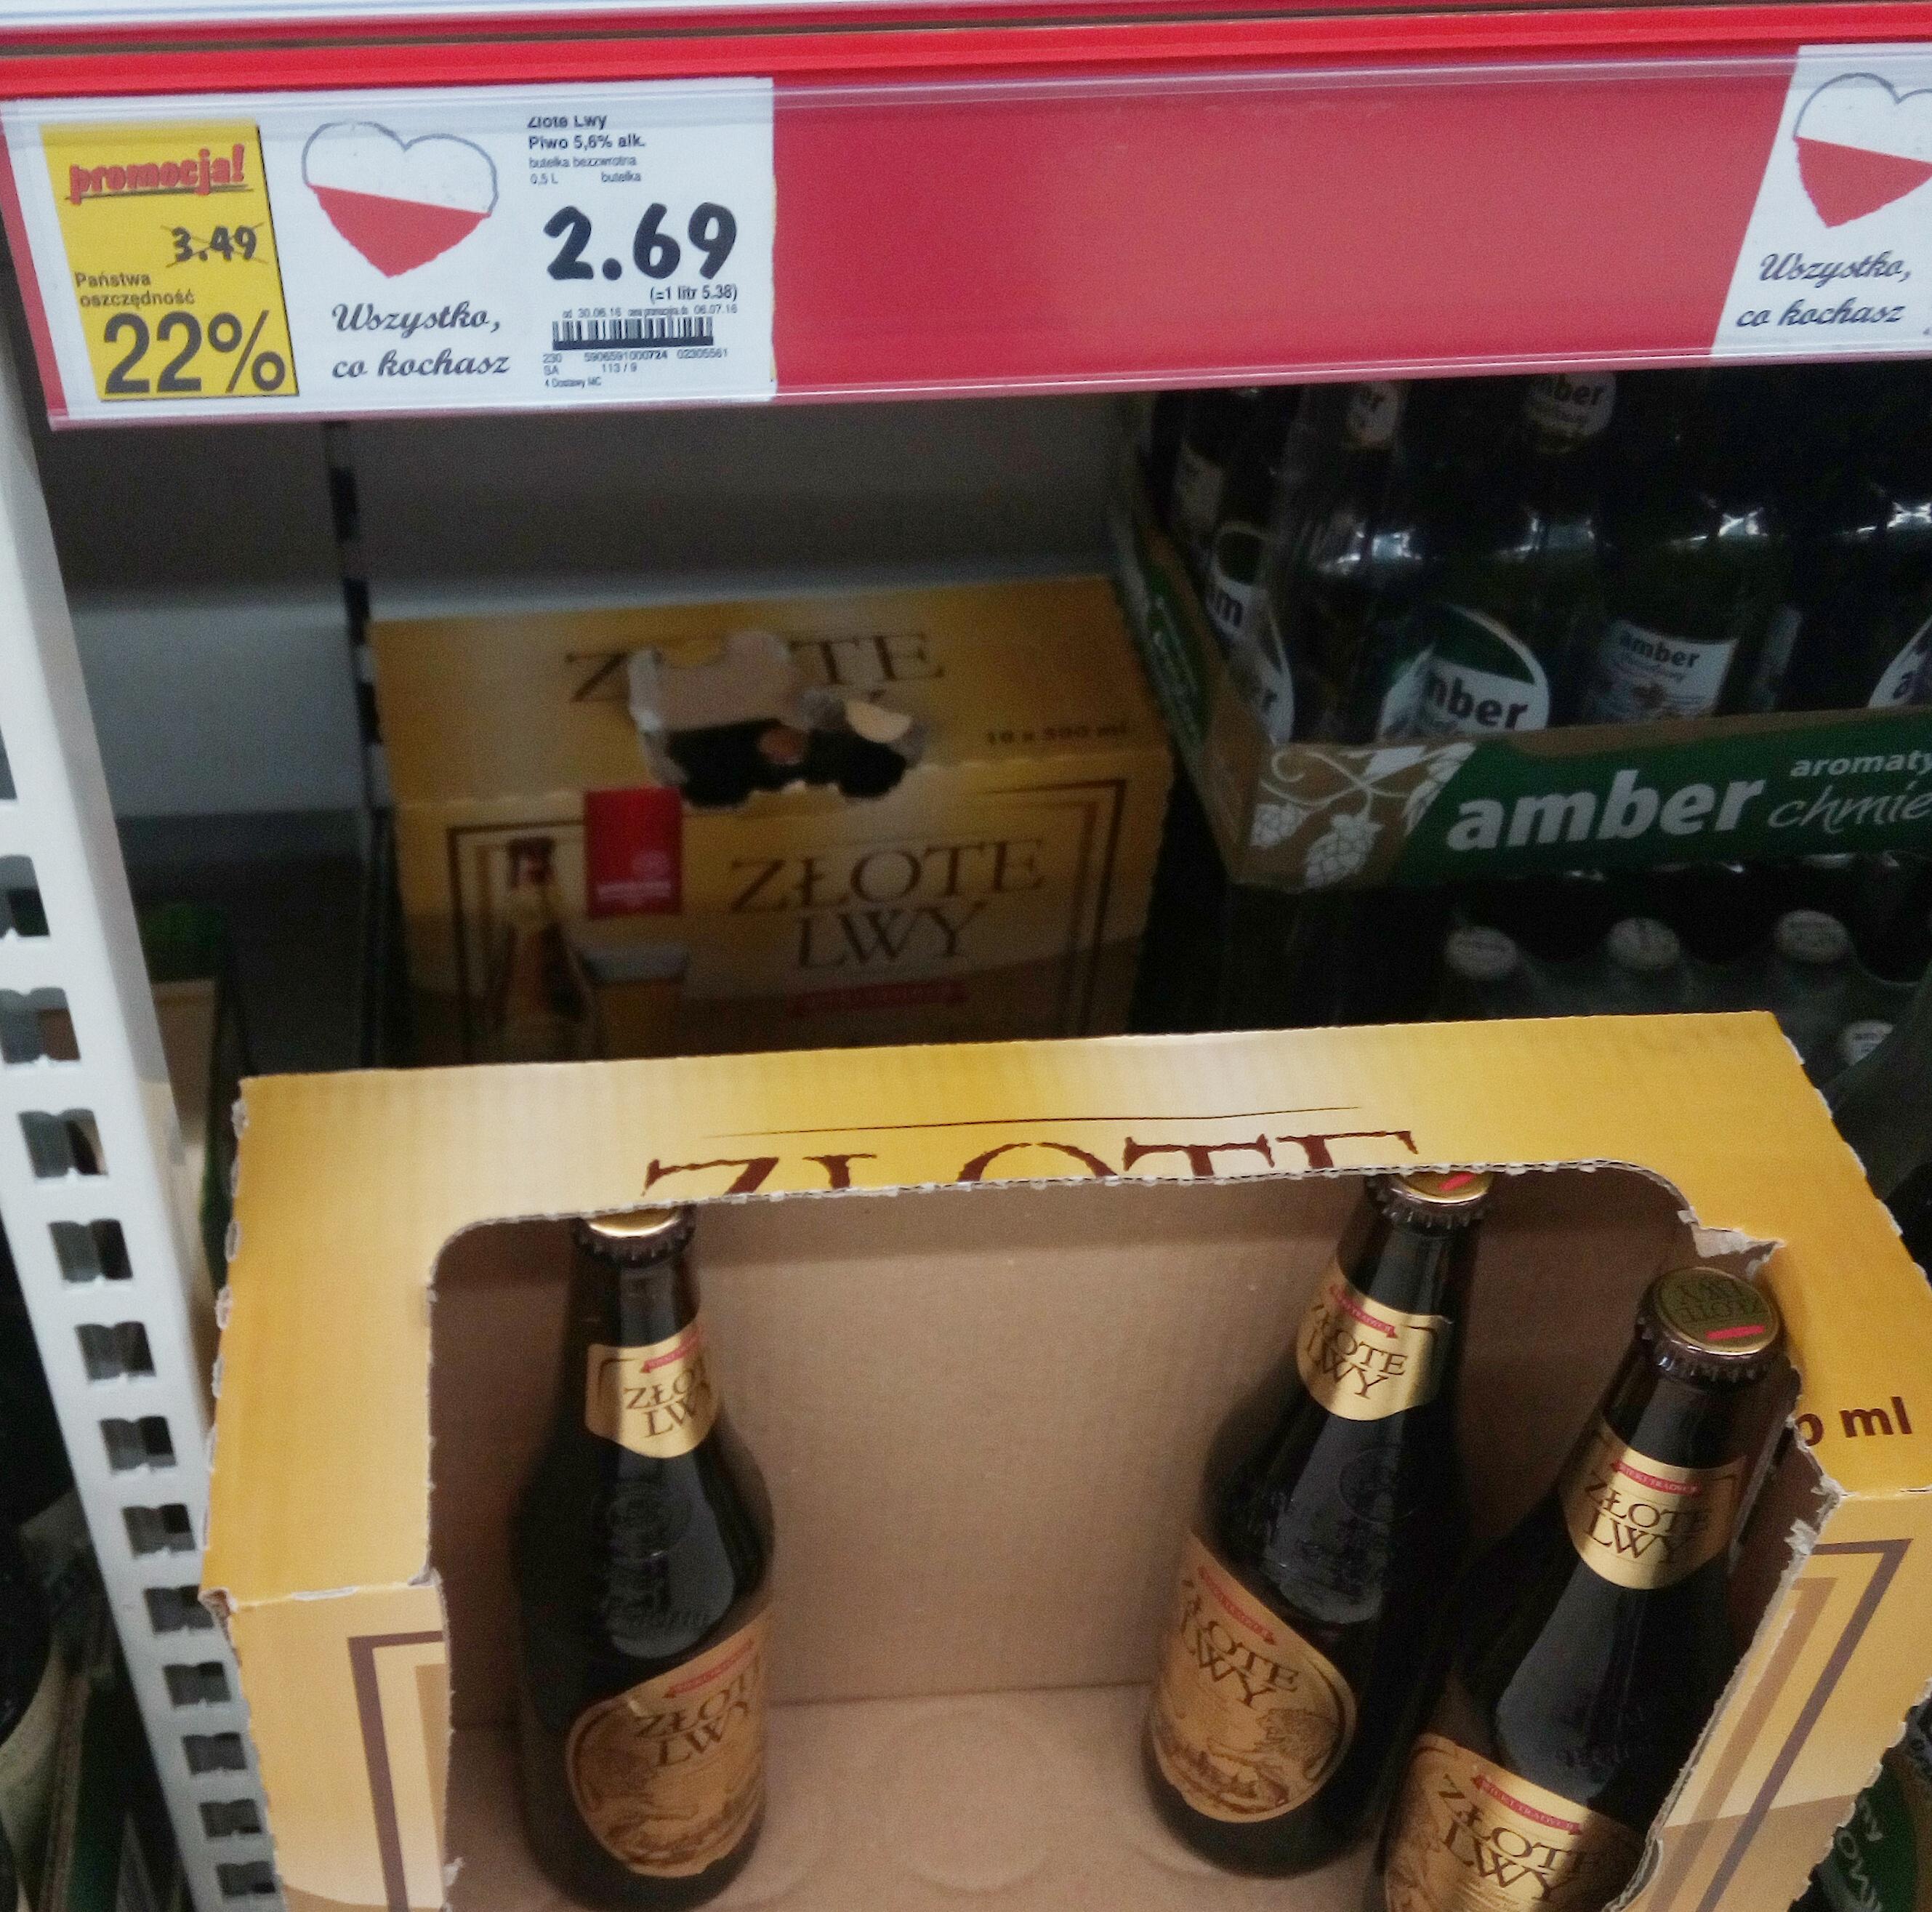 Piwo Amber Złote Lwy w Kaufland